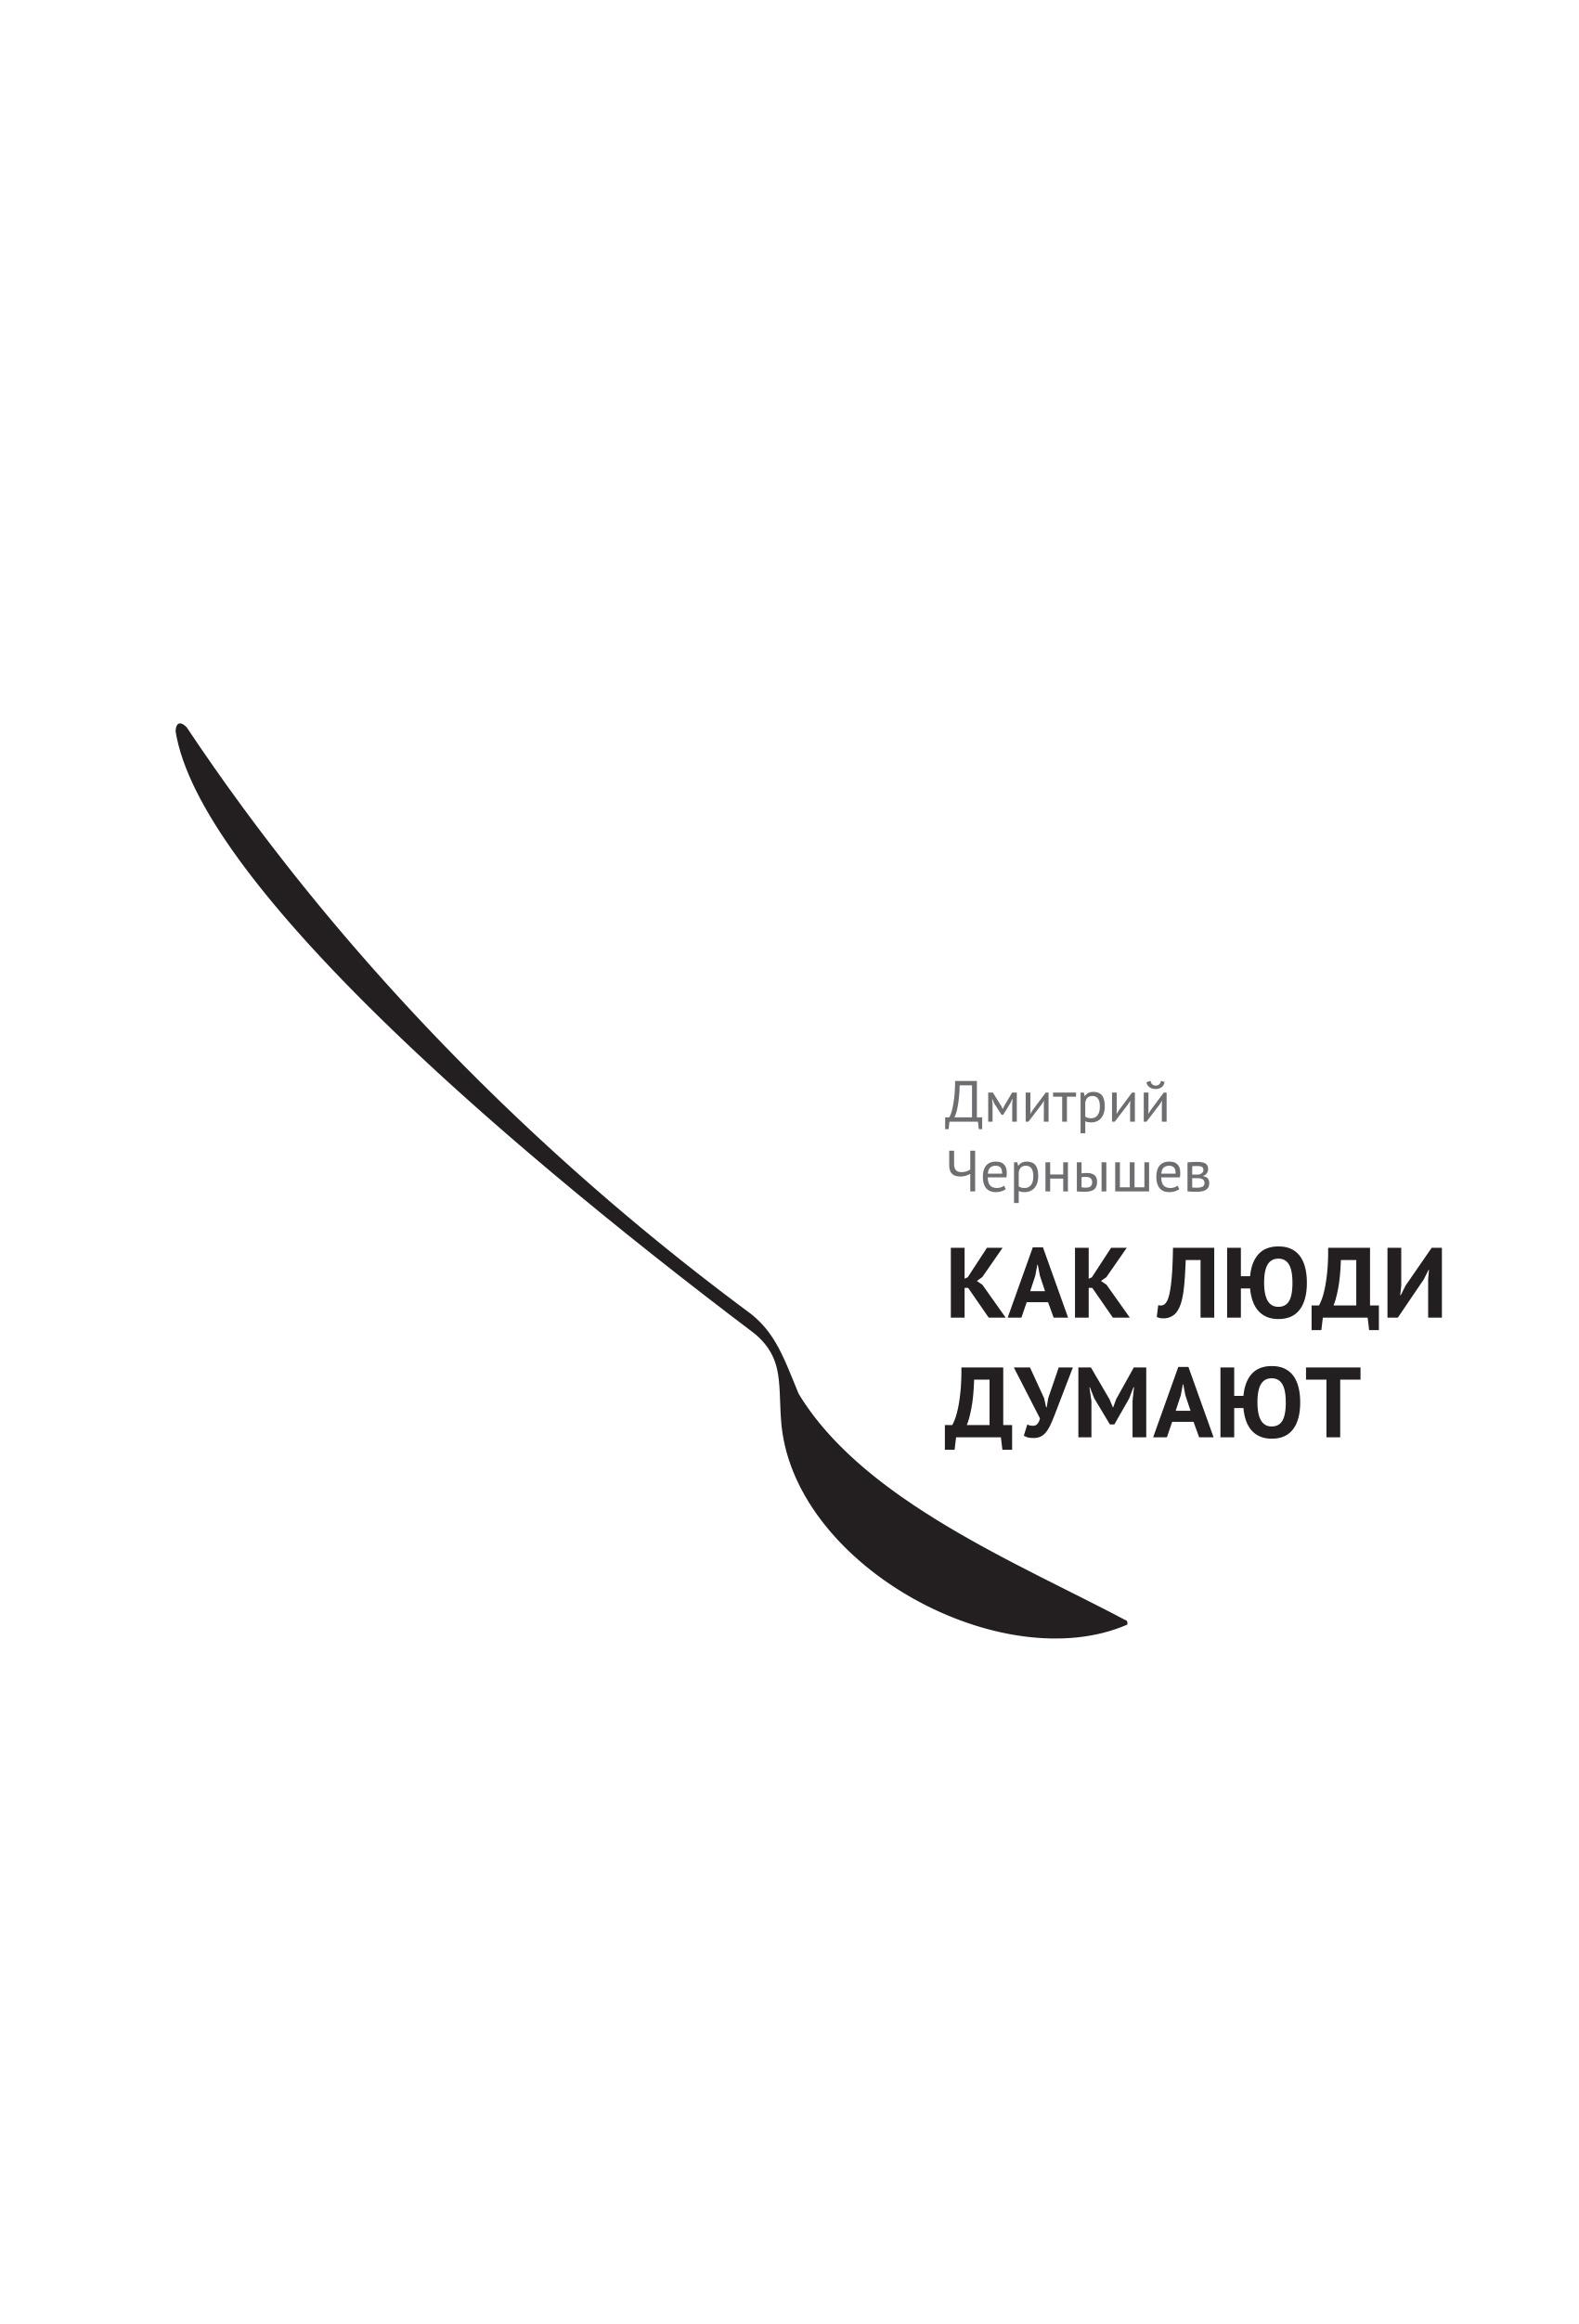 Как люди думают, Дмитрий Чернышев